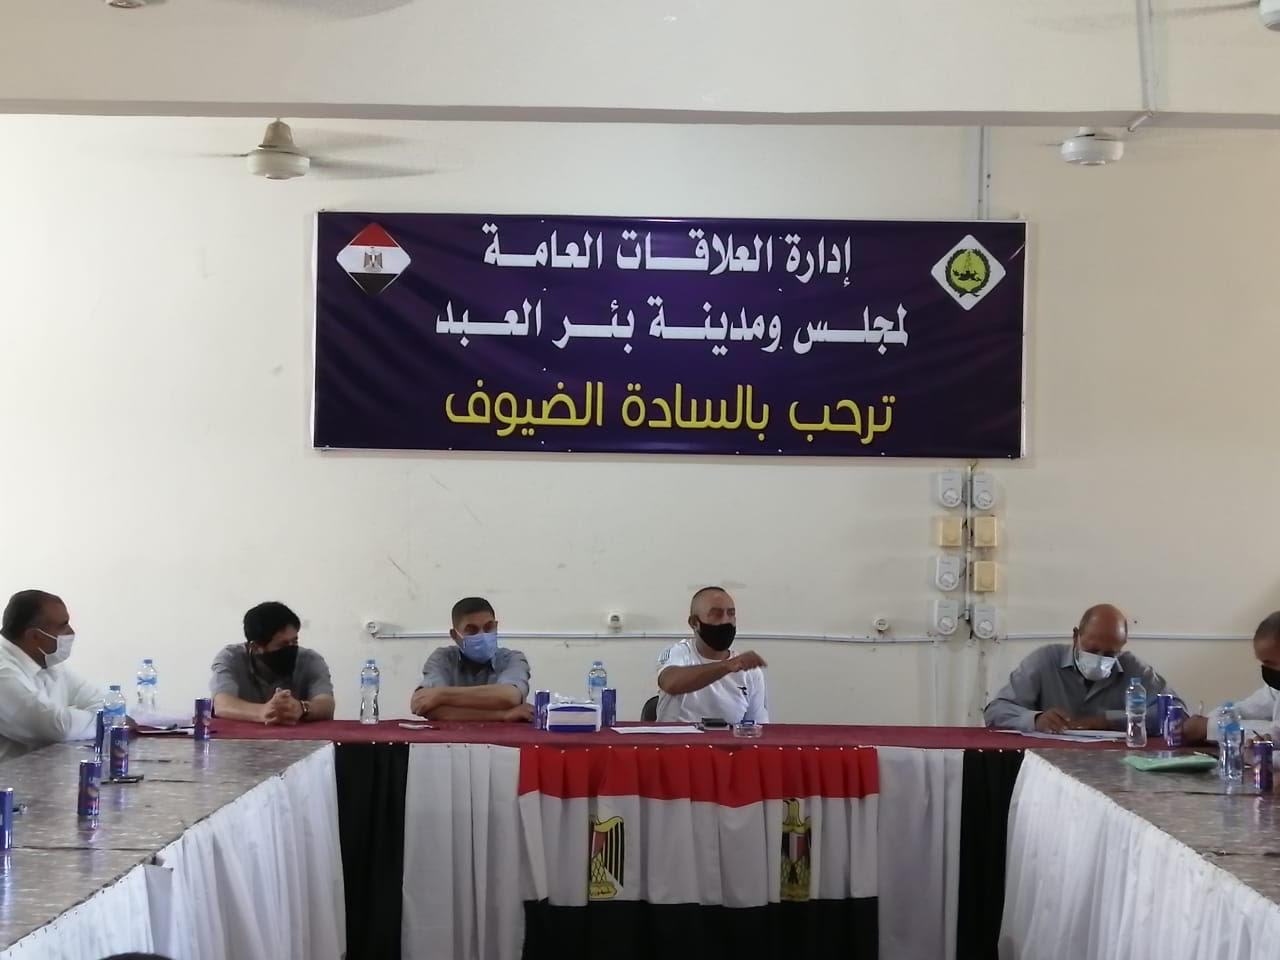 اجتماع رؤساء قرى شمال سيناء (5)